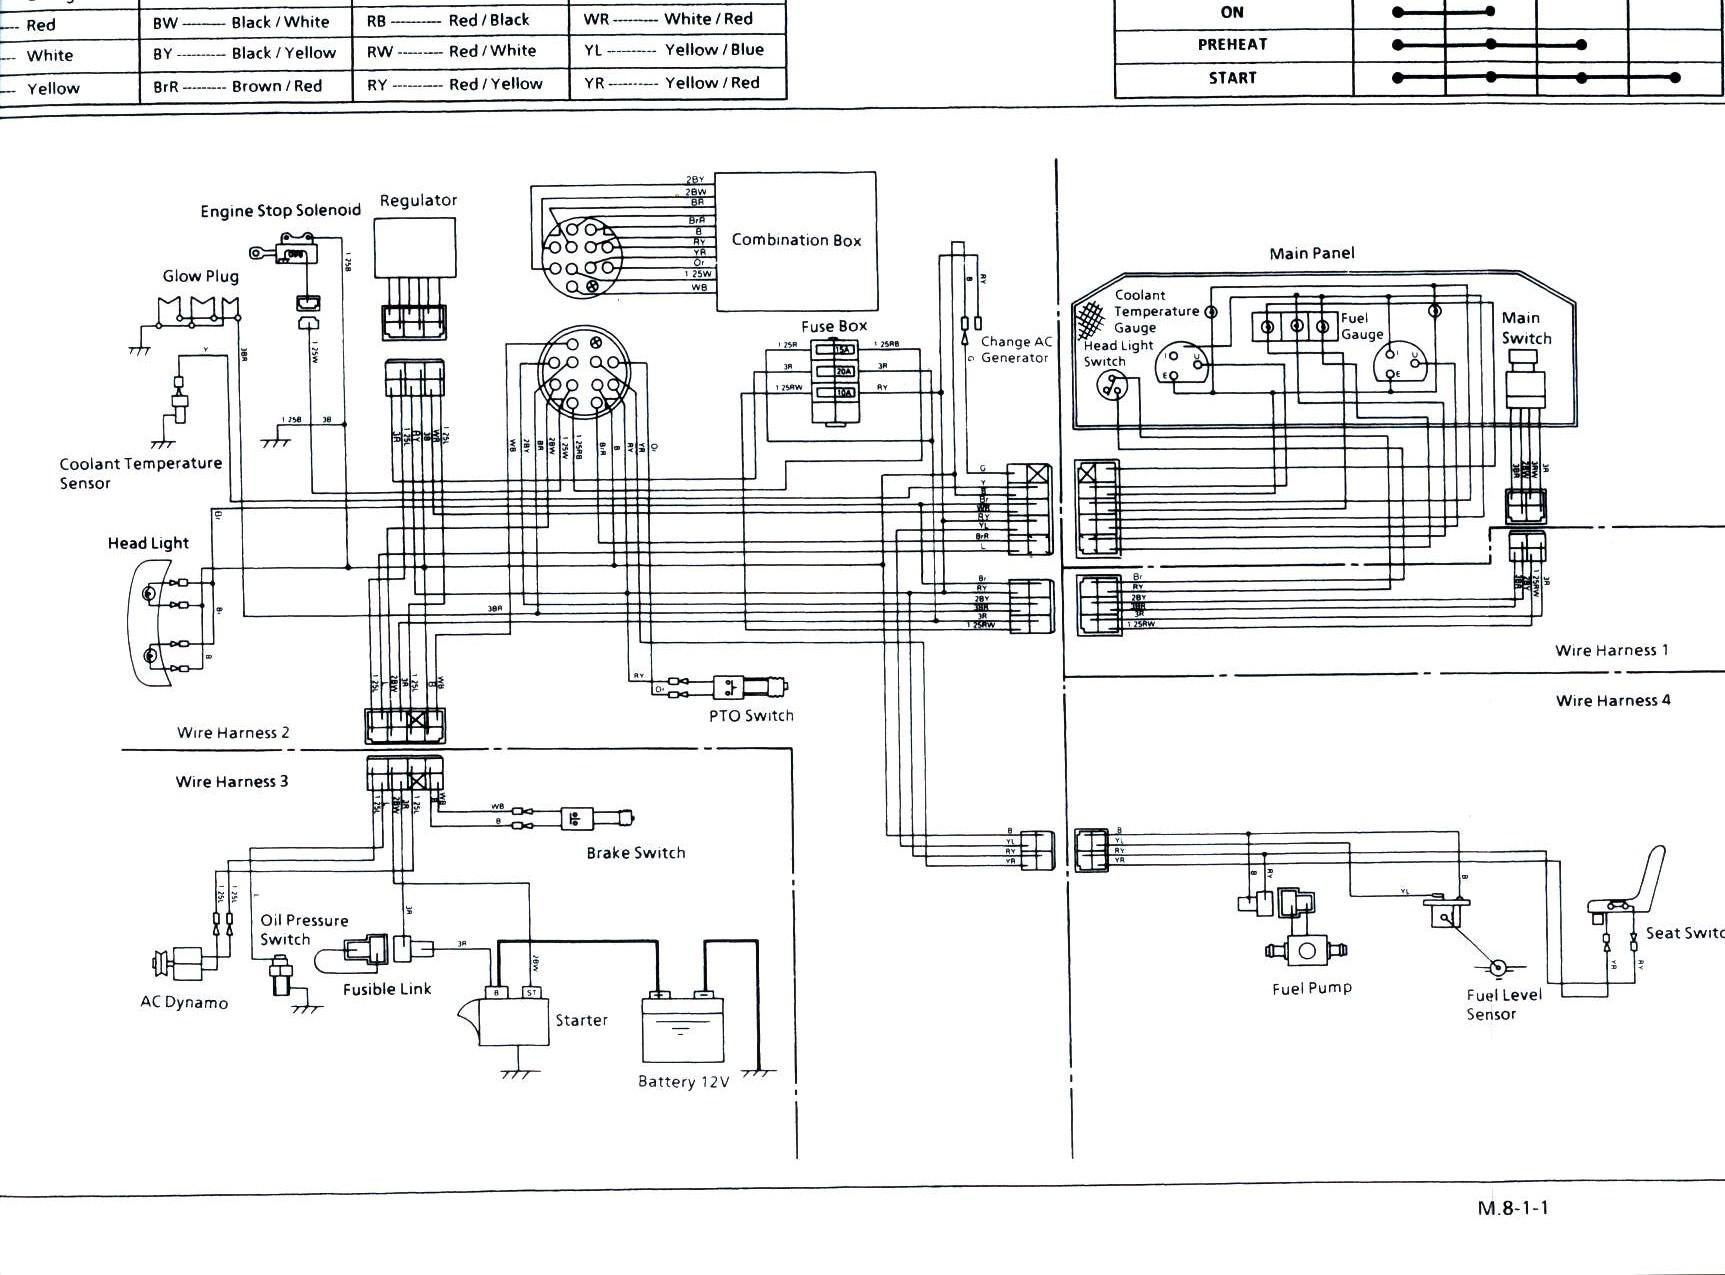 John Deere Gator Wiring Diagram Outstanding Derbi Senda Amazing Everything You Need Of